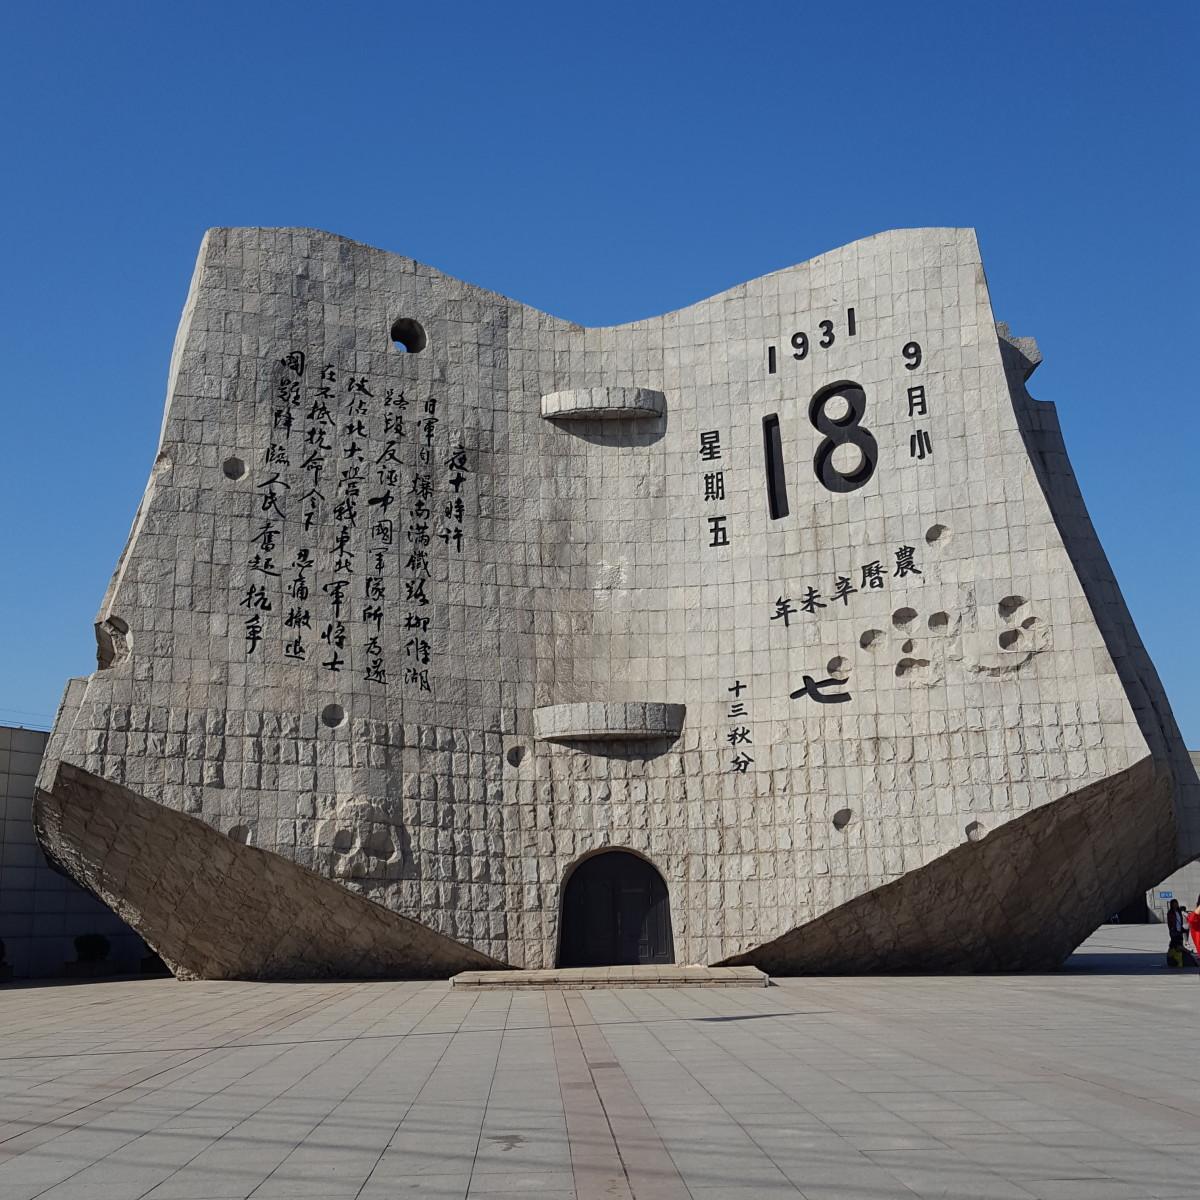 918 Museum, Shenyang.